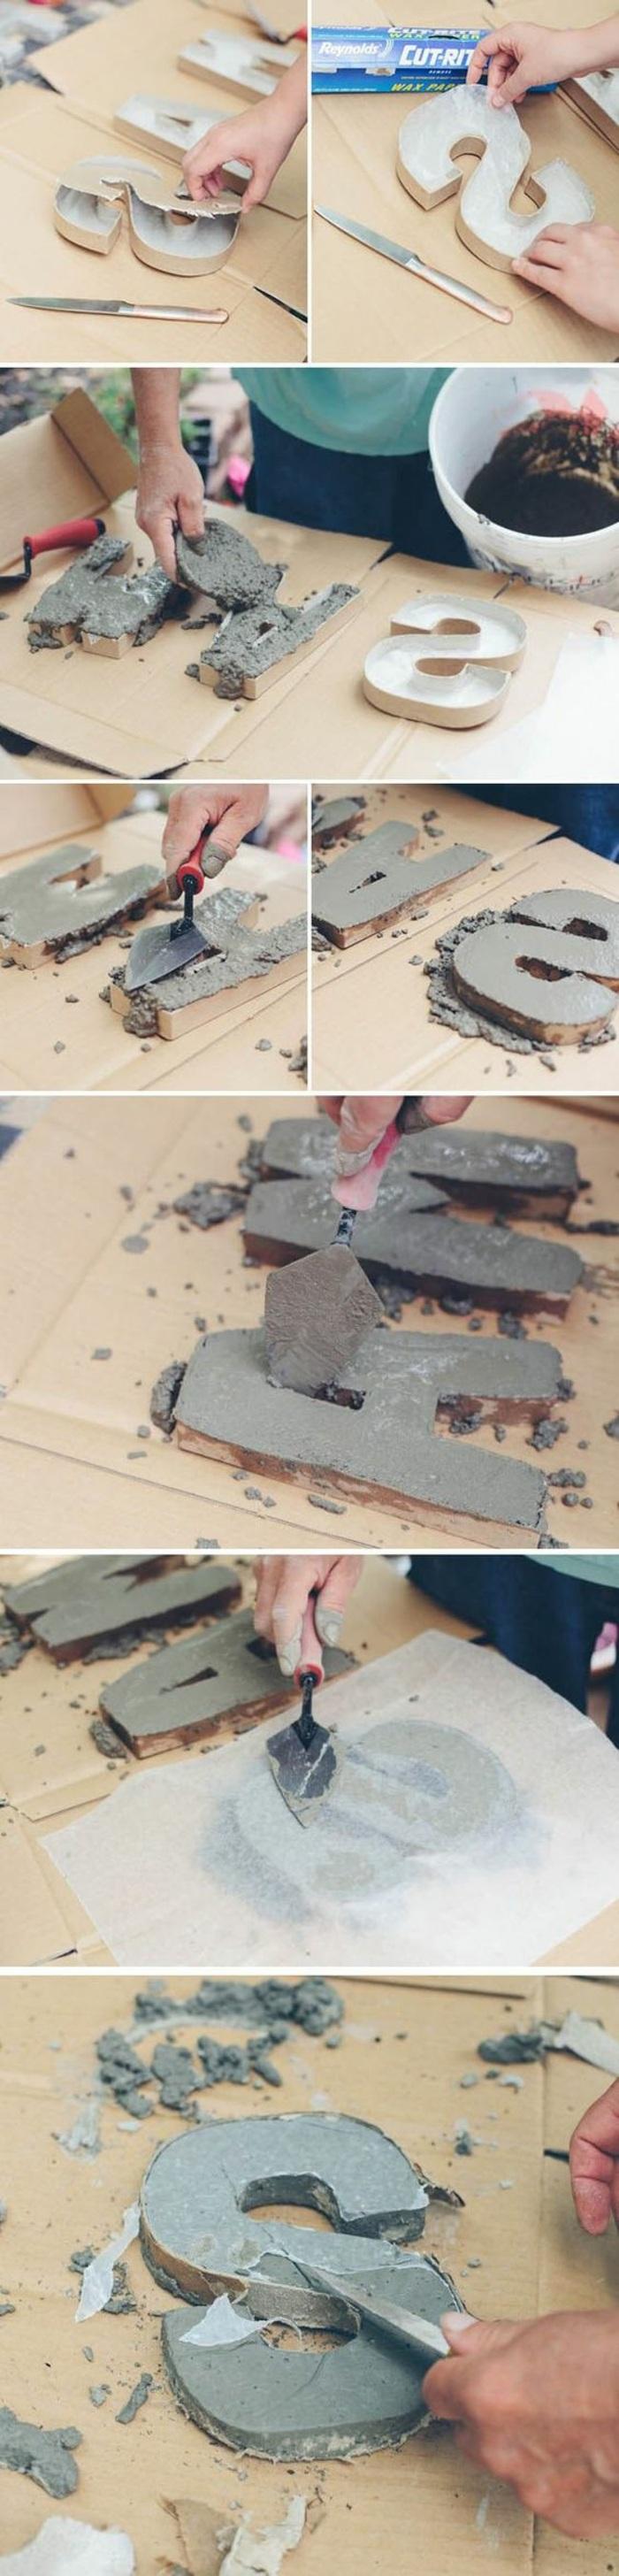 diy deko - buchstaben aus zement, kartonbuchstaben, beton gießen